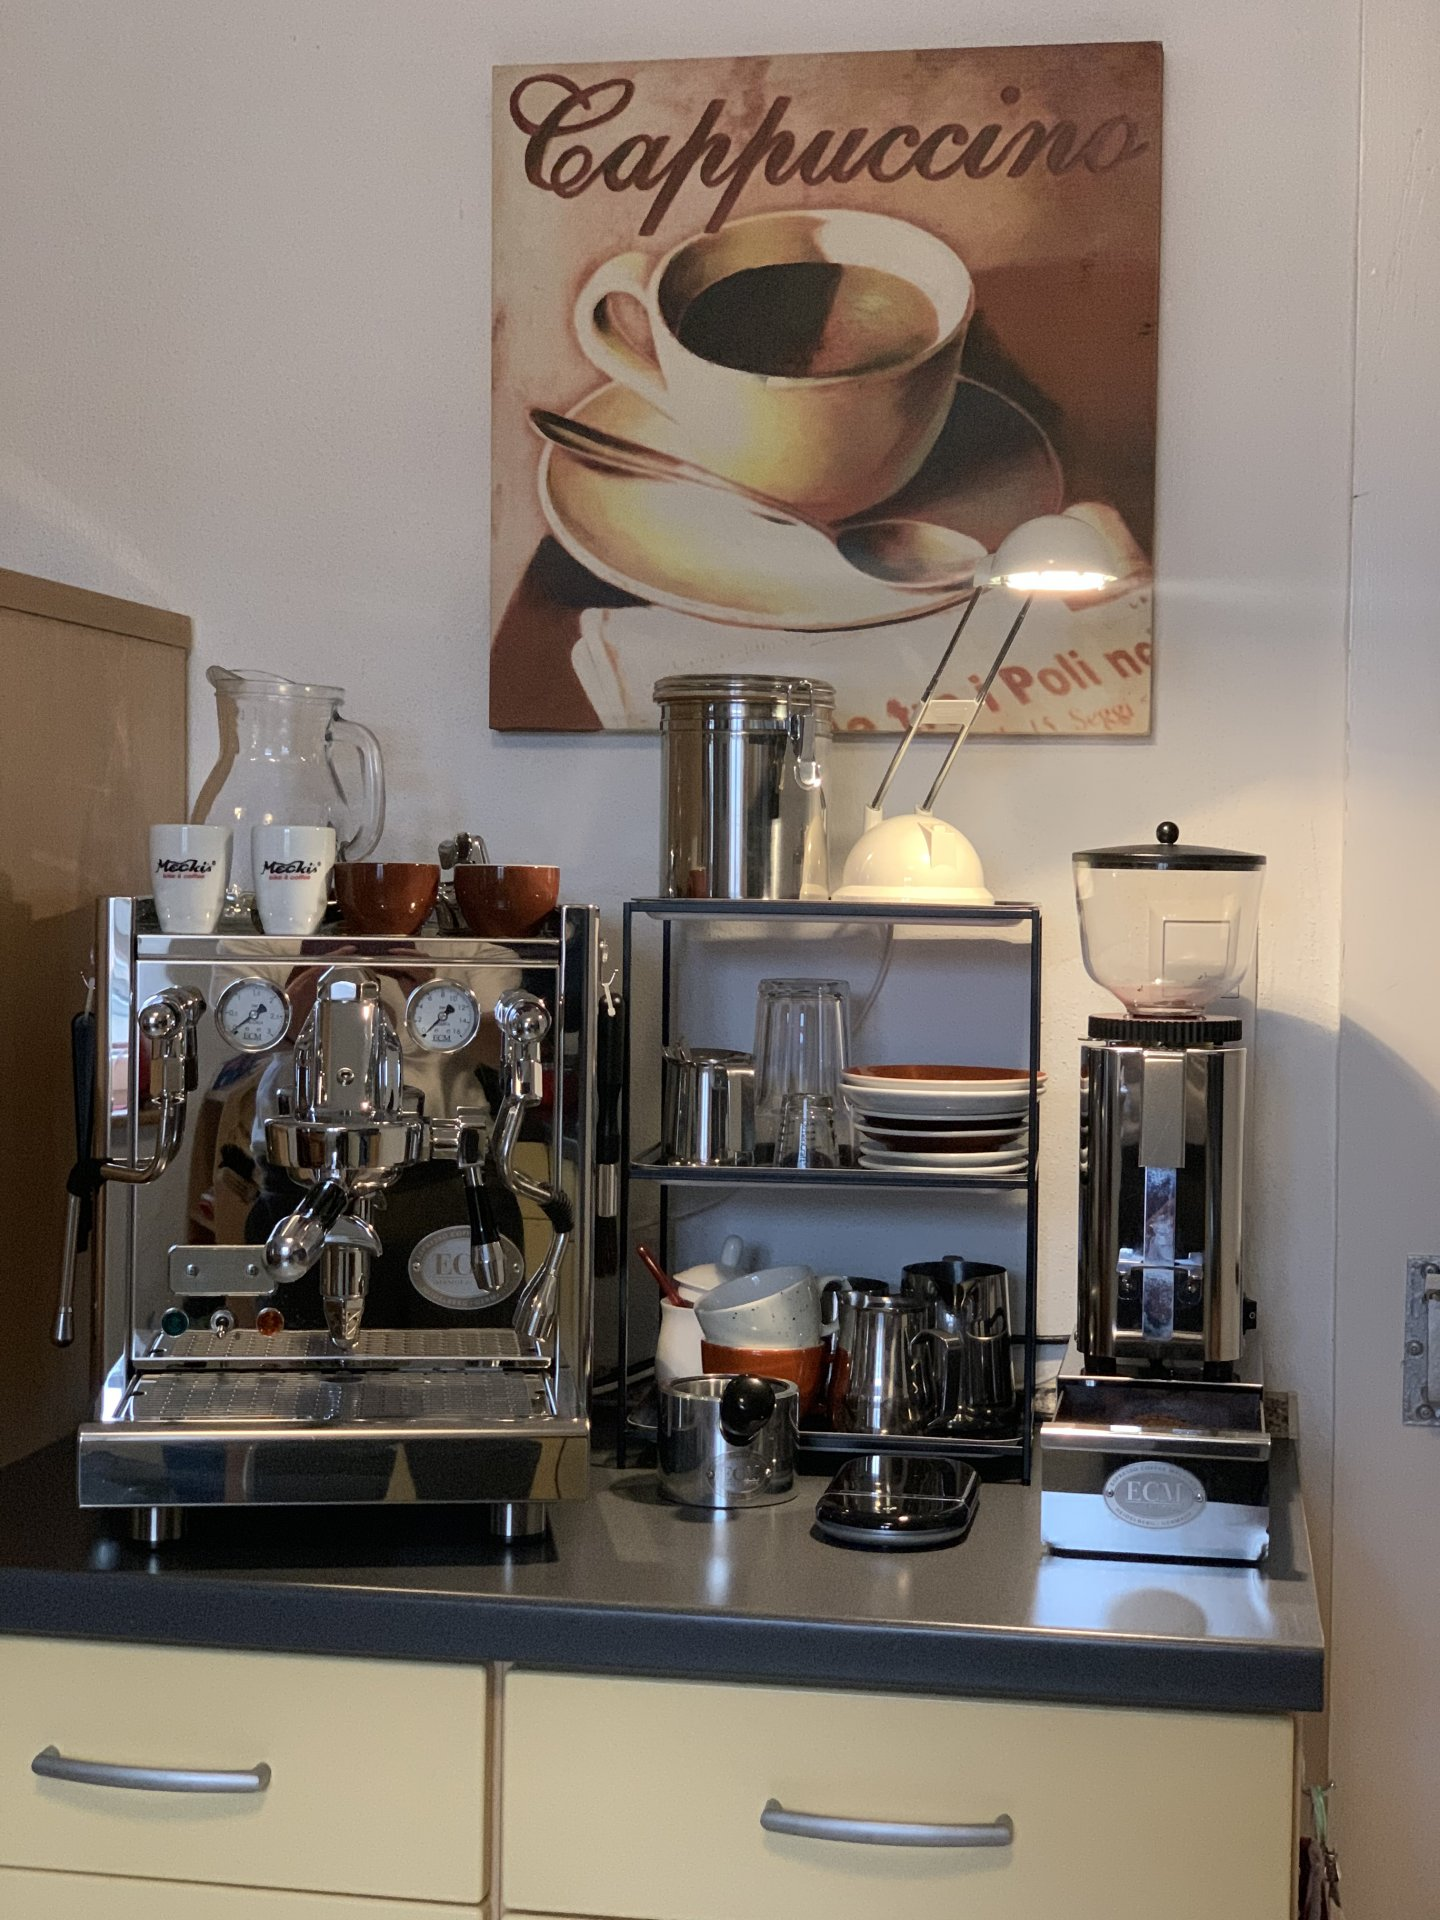 Kaffee-Ecke_final.jpg